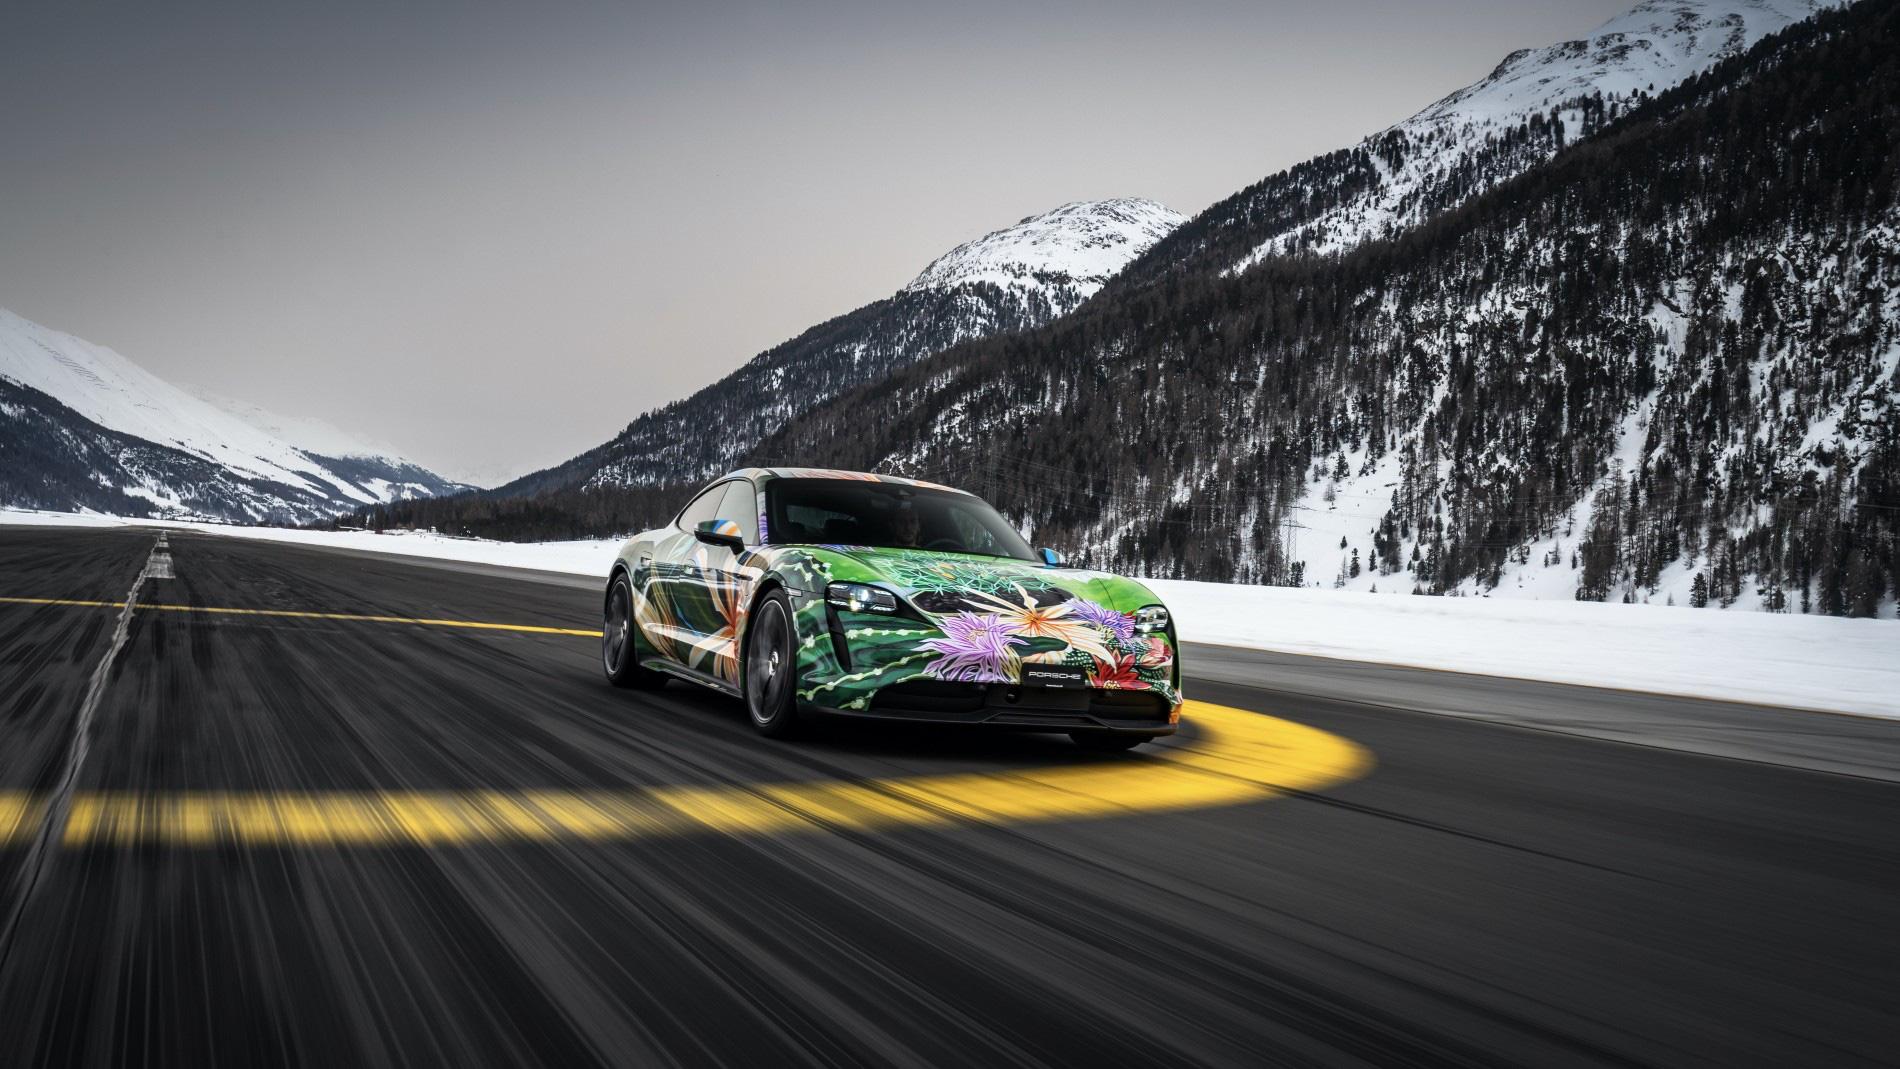 """Siêu xe nghệ thuật Porsche Taycan """"Nữ Hoàng Bóng Đêm"""" được bán với giá 200.000 USD - Ảnh 6."""